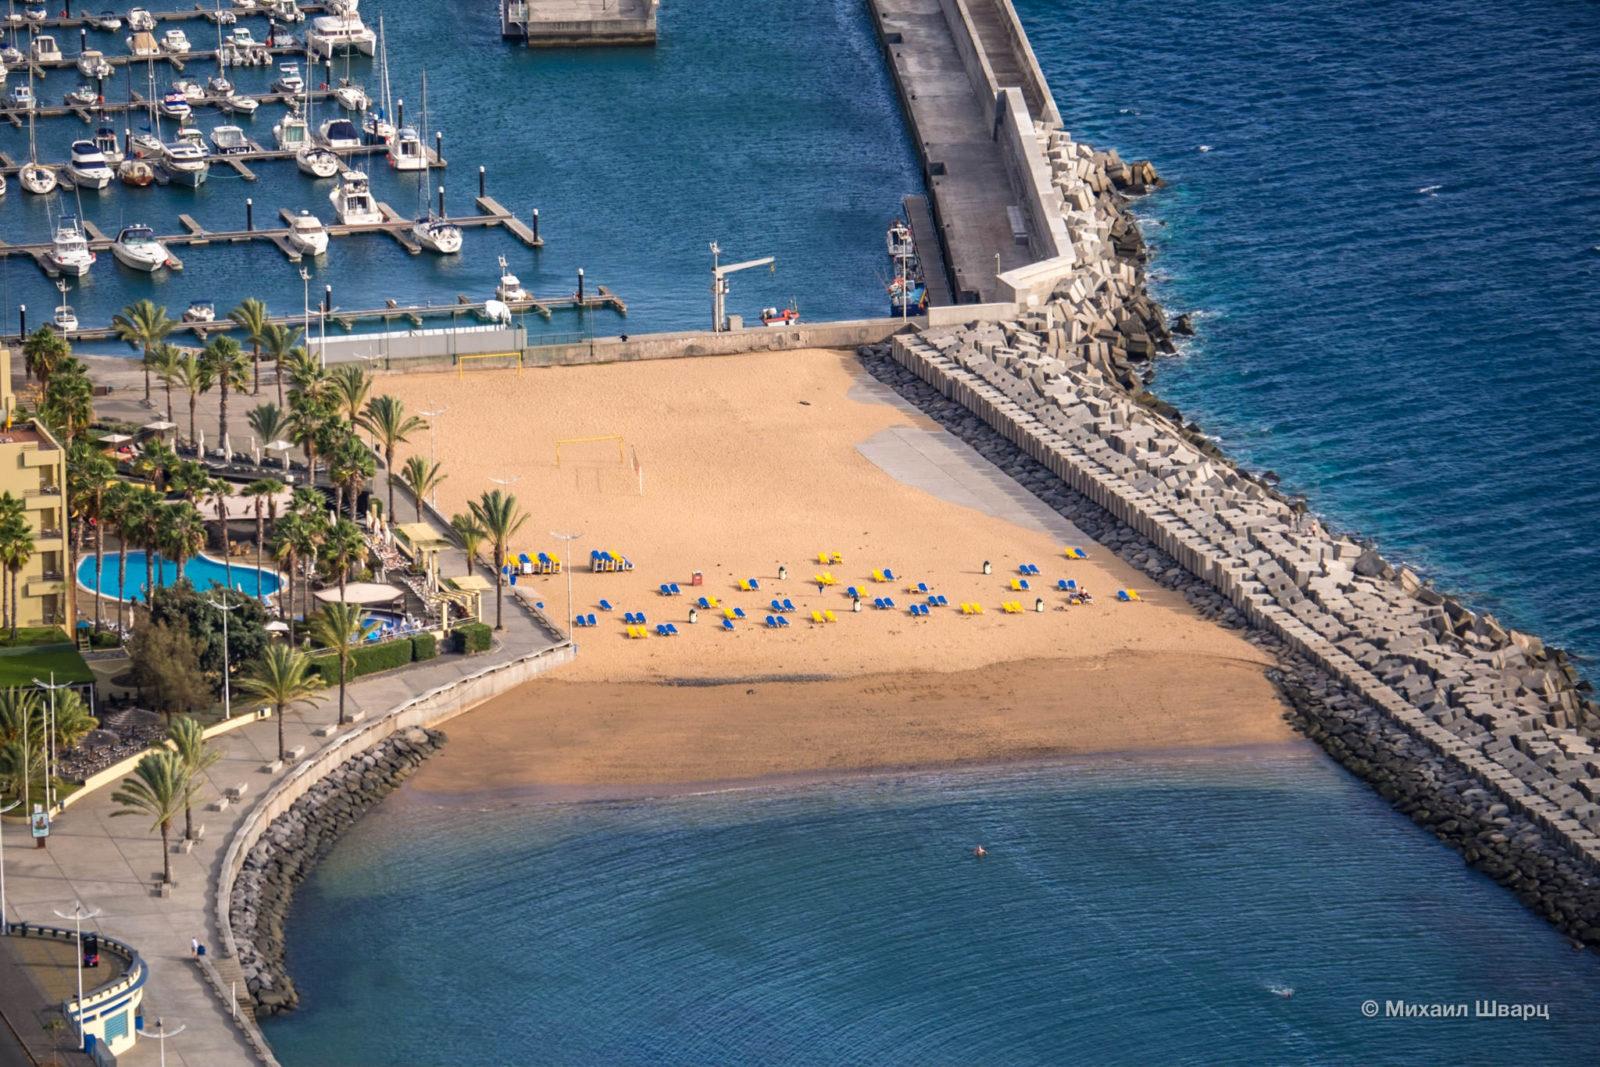 Одна часть пляжа